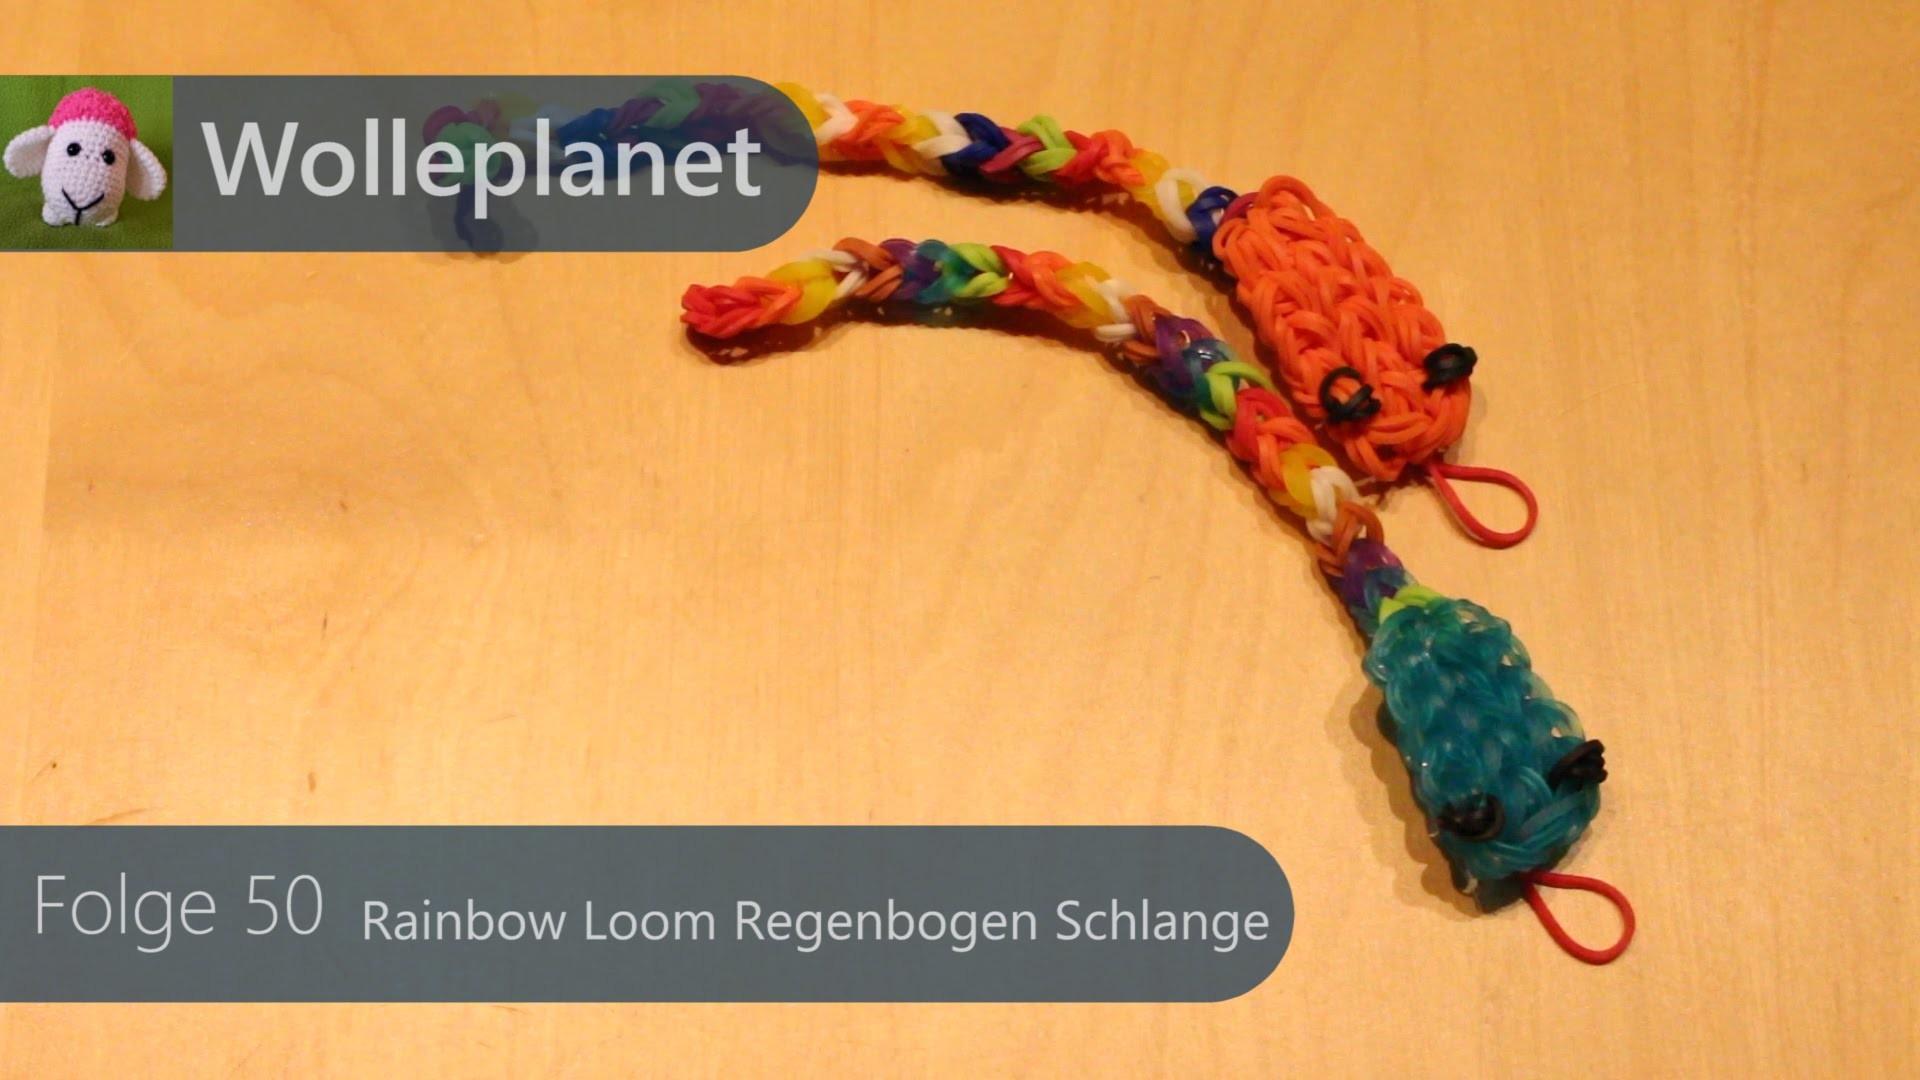 Rainbow Loom - Regenbogen Schlange mit Loom